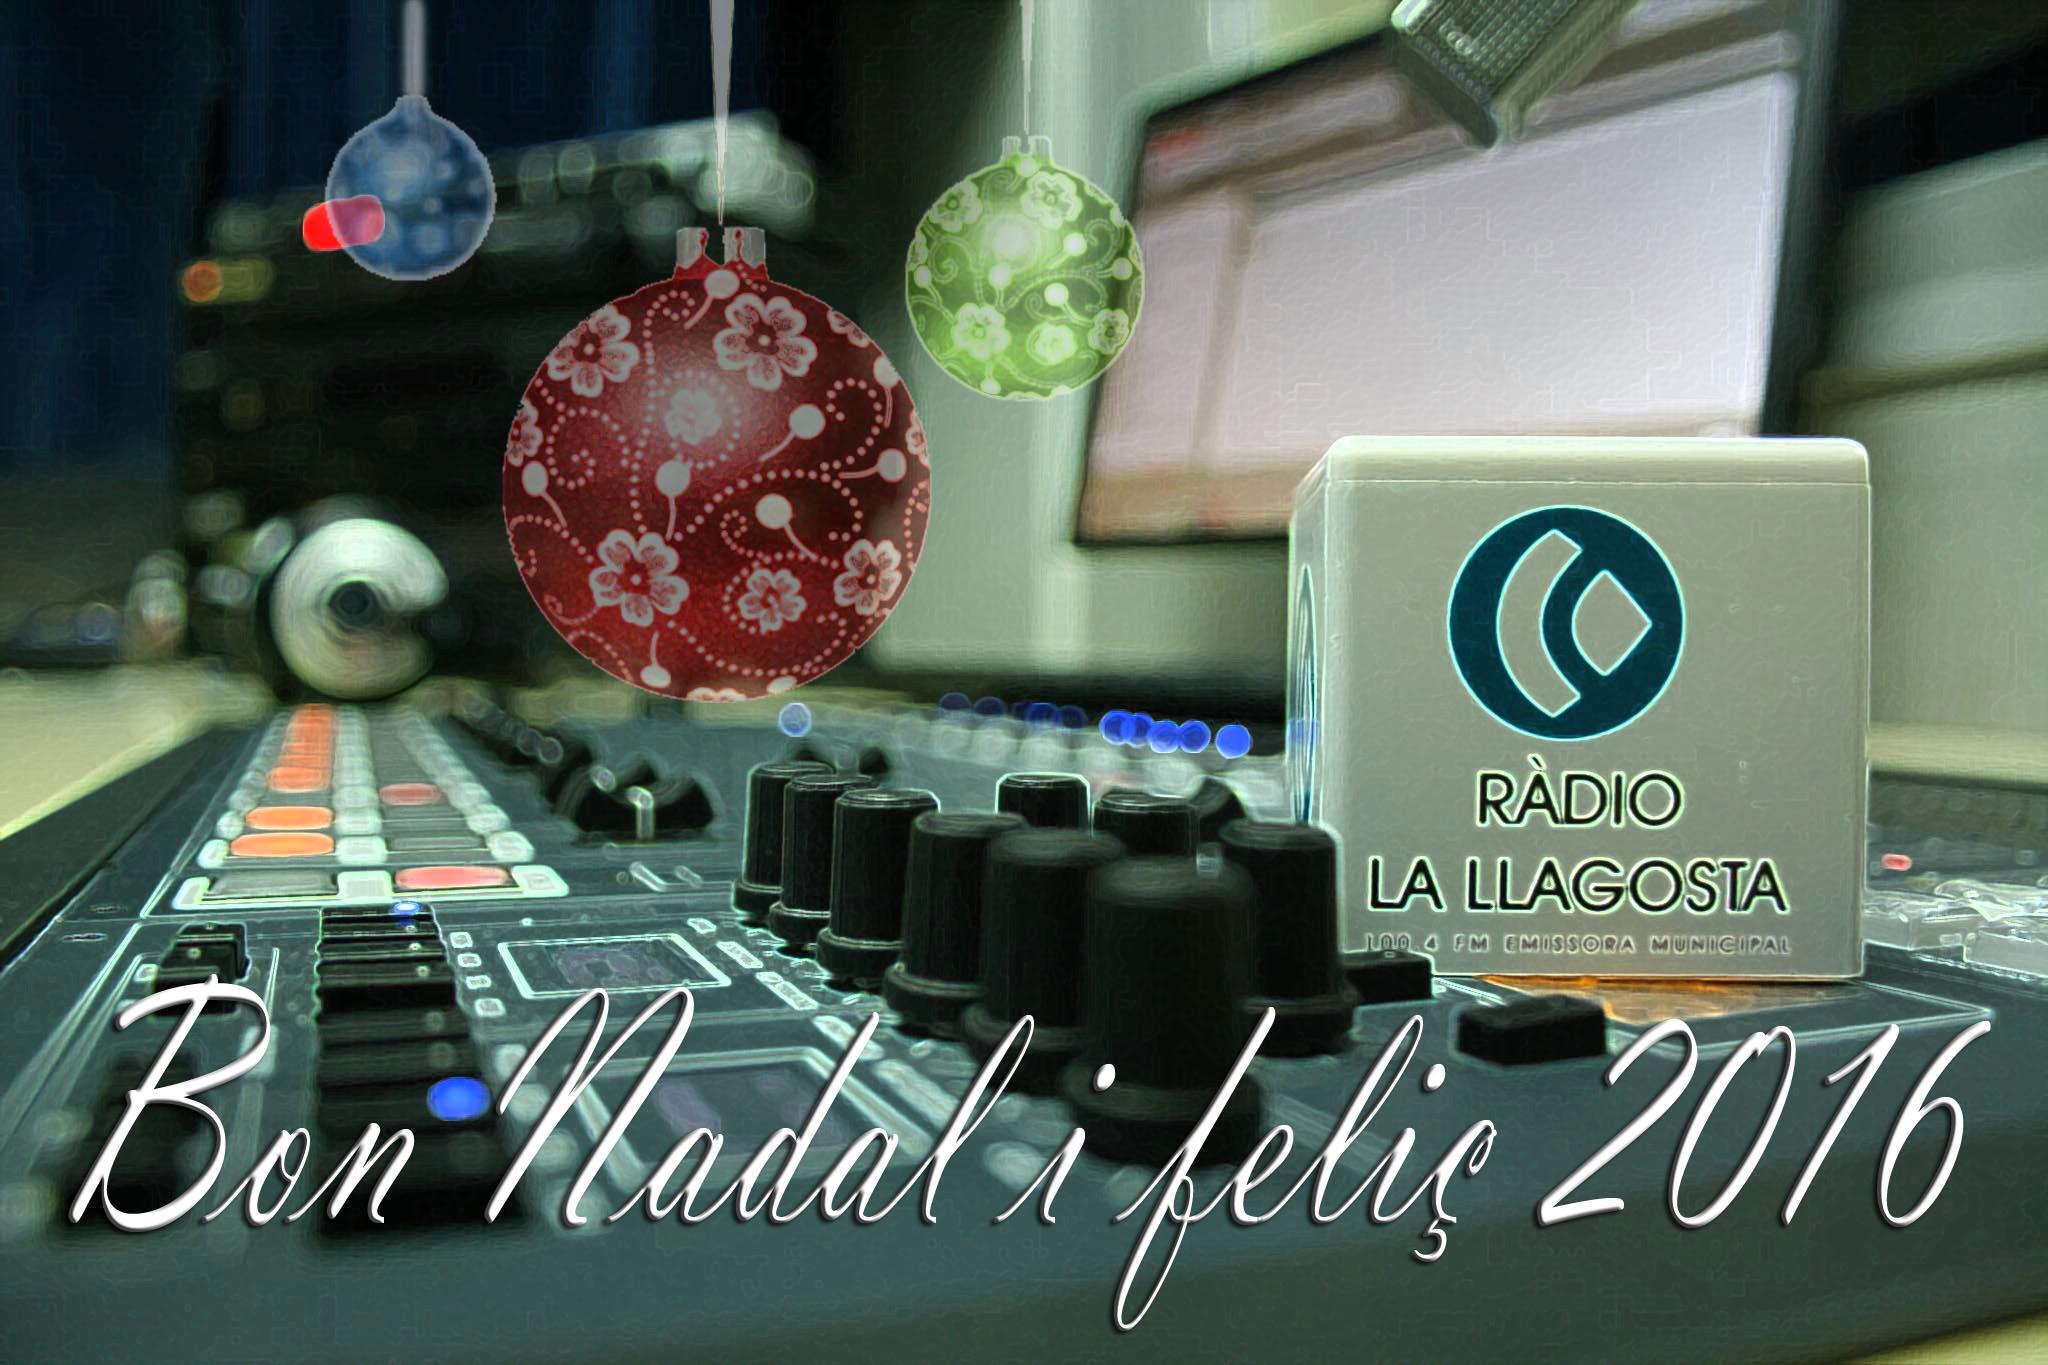 Ràdio la Llagosta - Feliç 2016